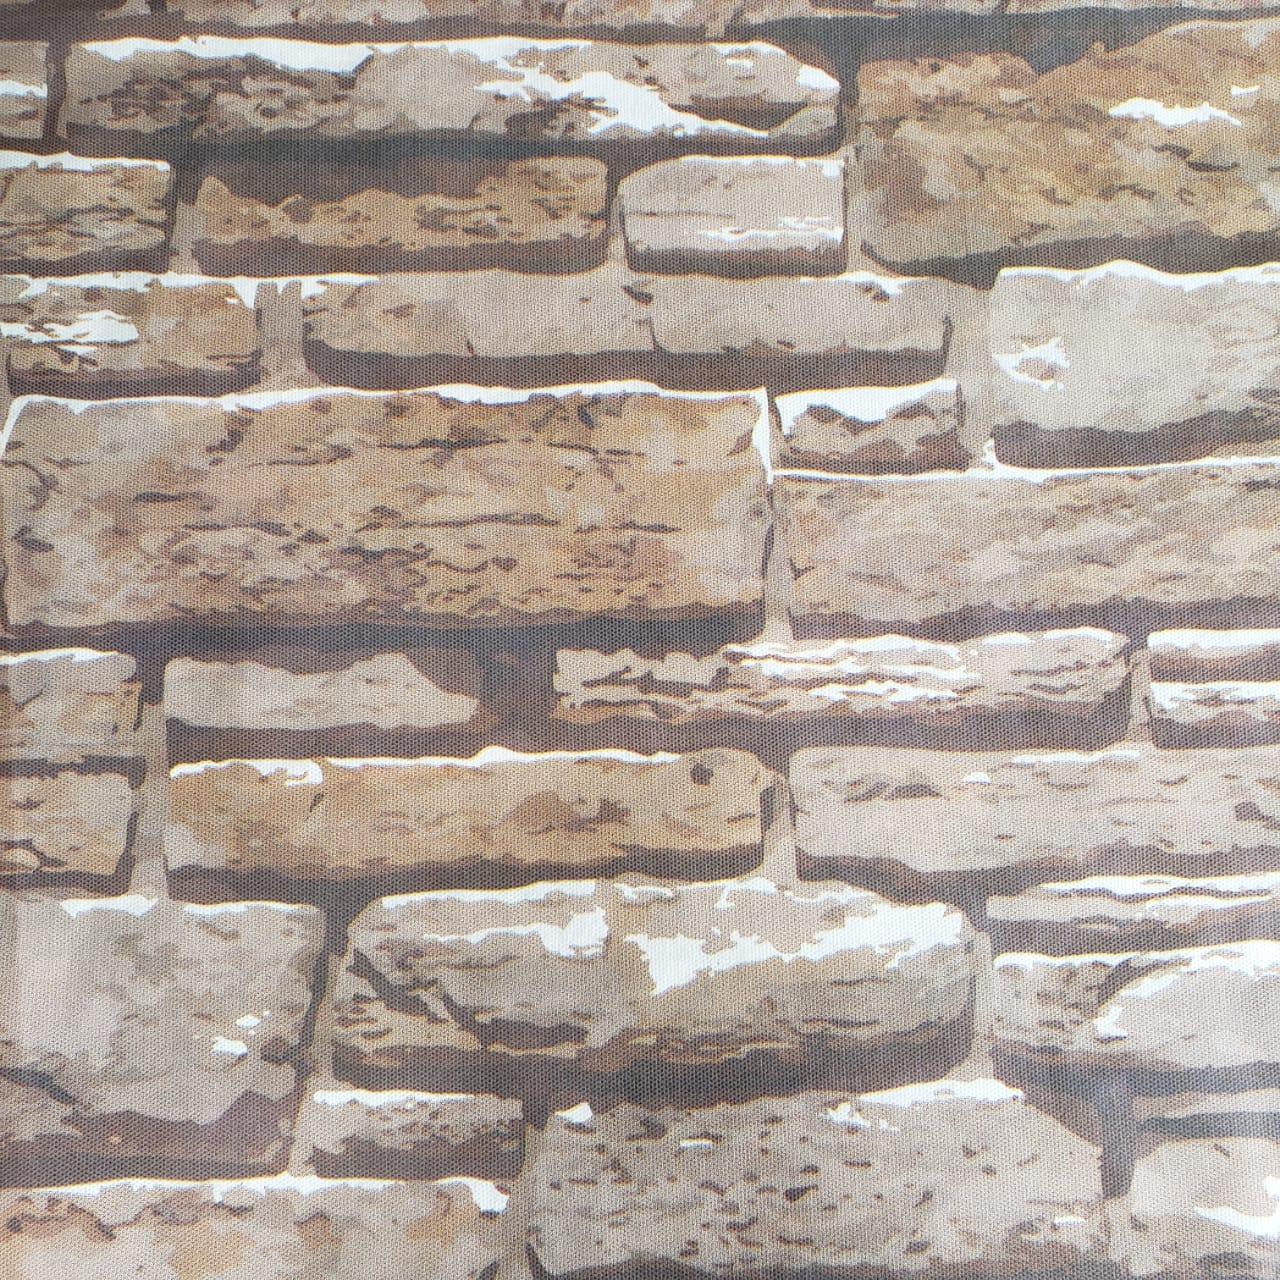 1172 A - Pedra São Tome